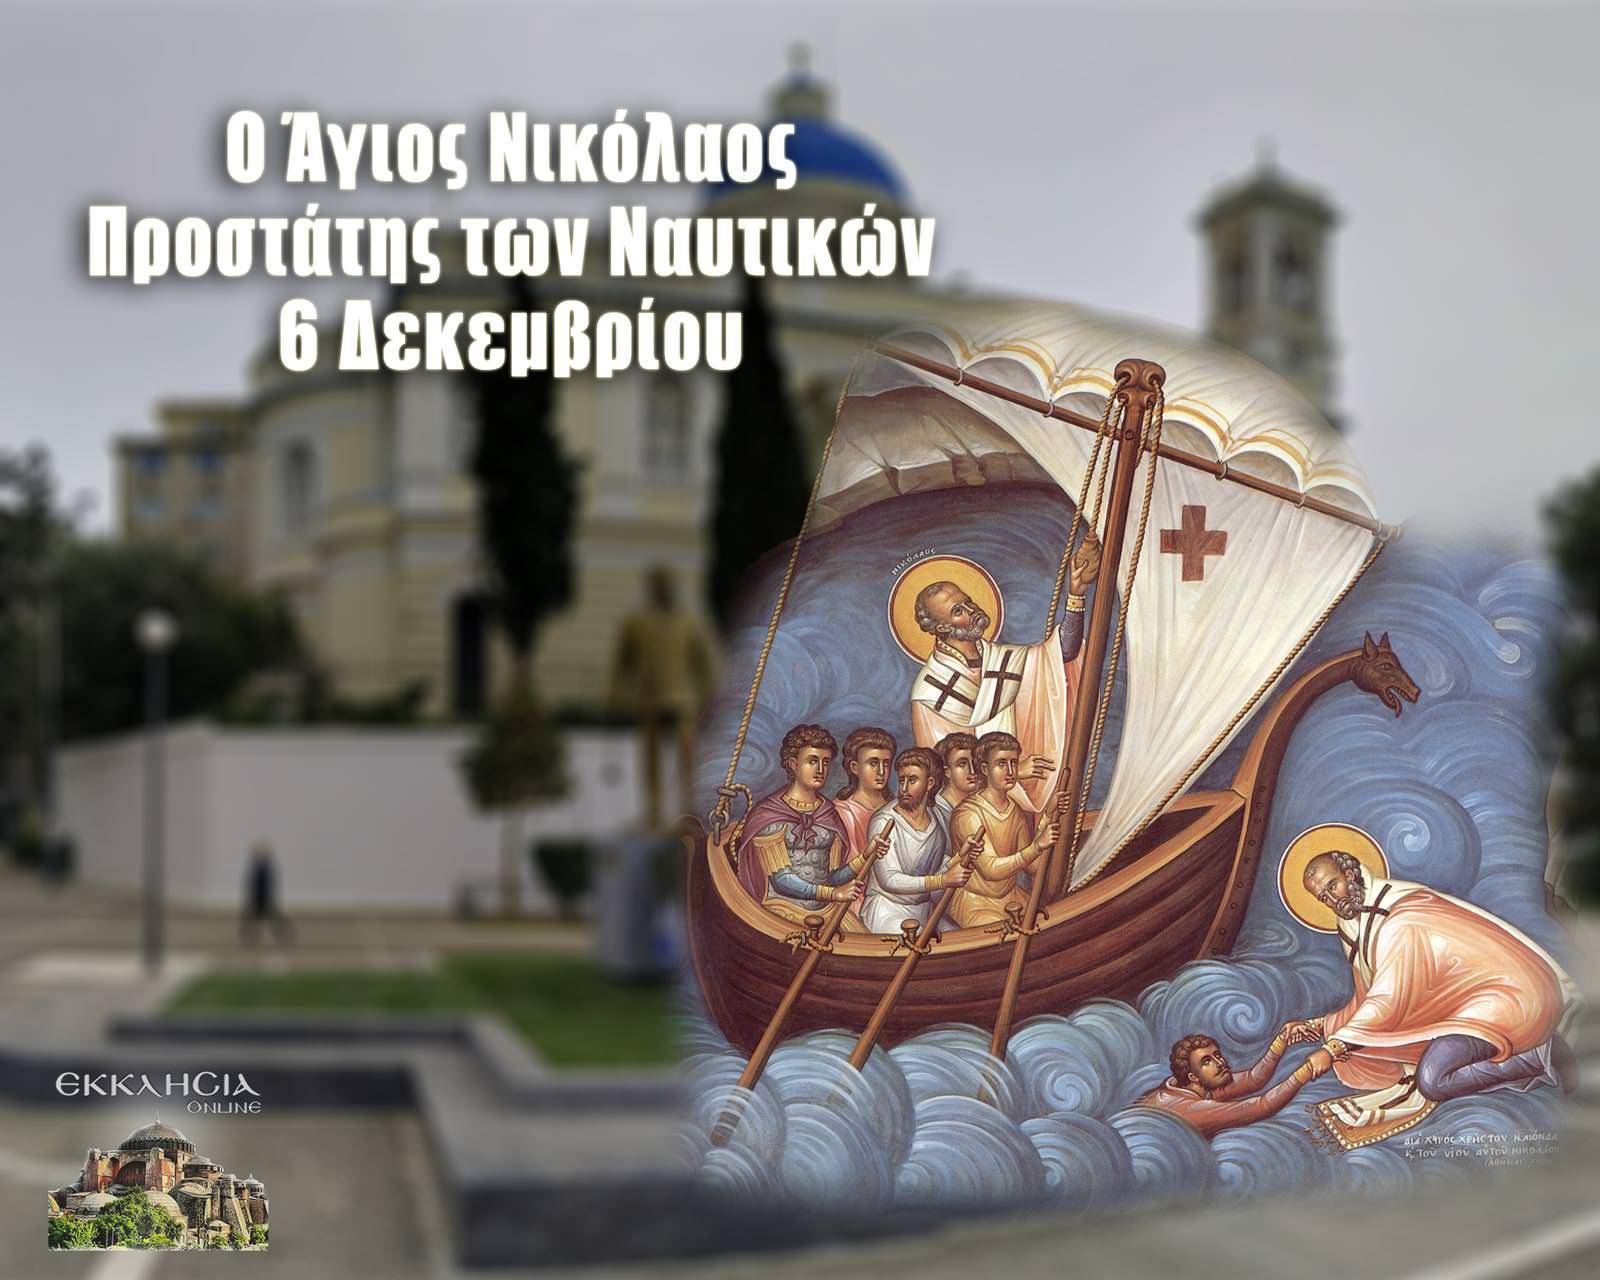 Άγιος Νικόλαος Αρχιεπίσκοπος προστάτης των ναυτικών 6 Δεκεμβρίου